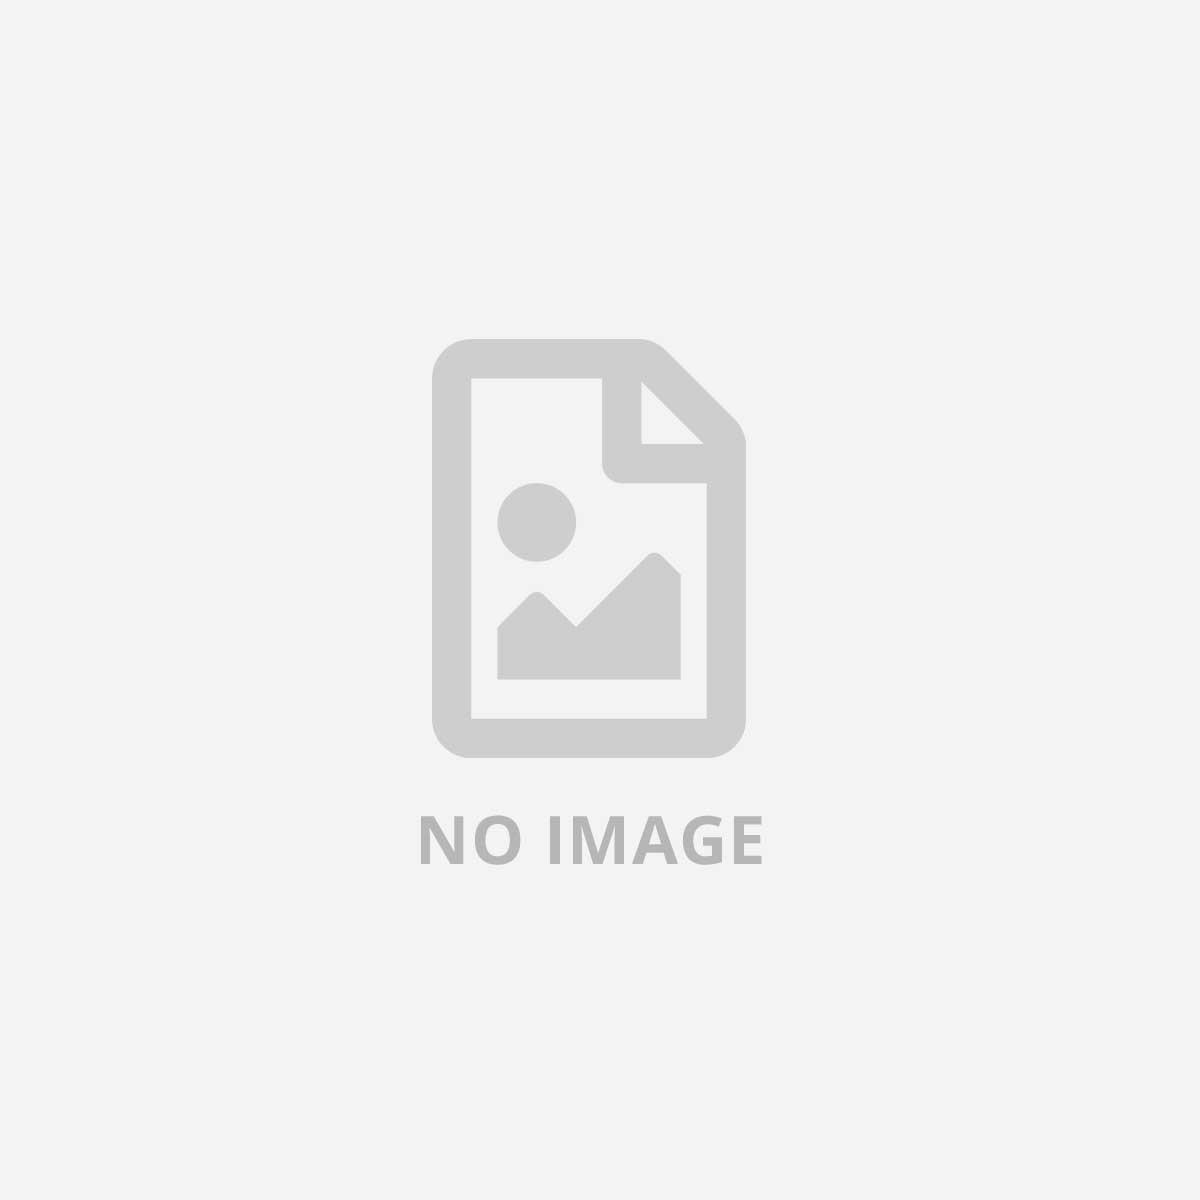 CANON FILTRO PROTETTIVO UV/SKY 58MM